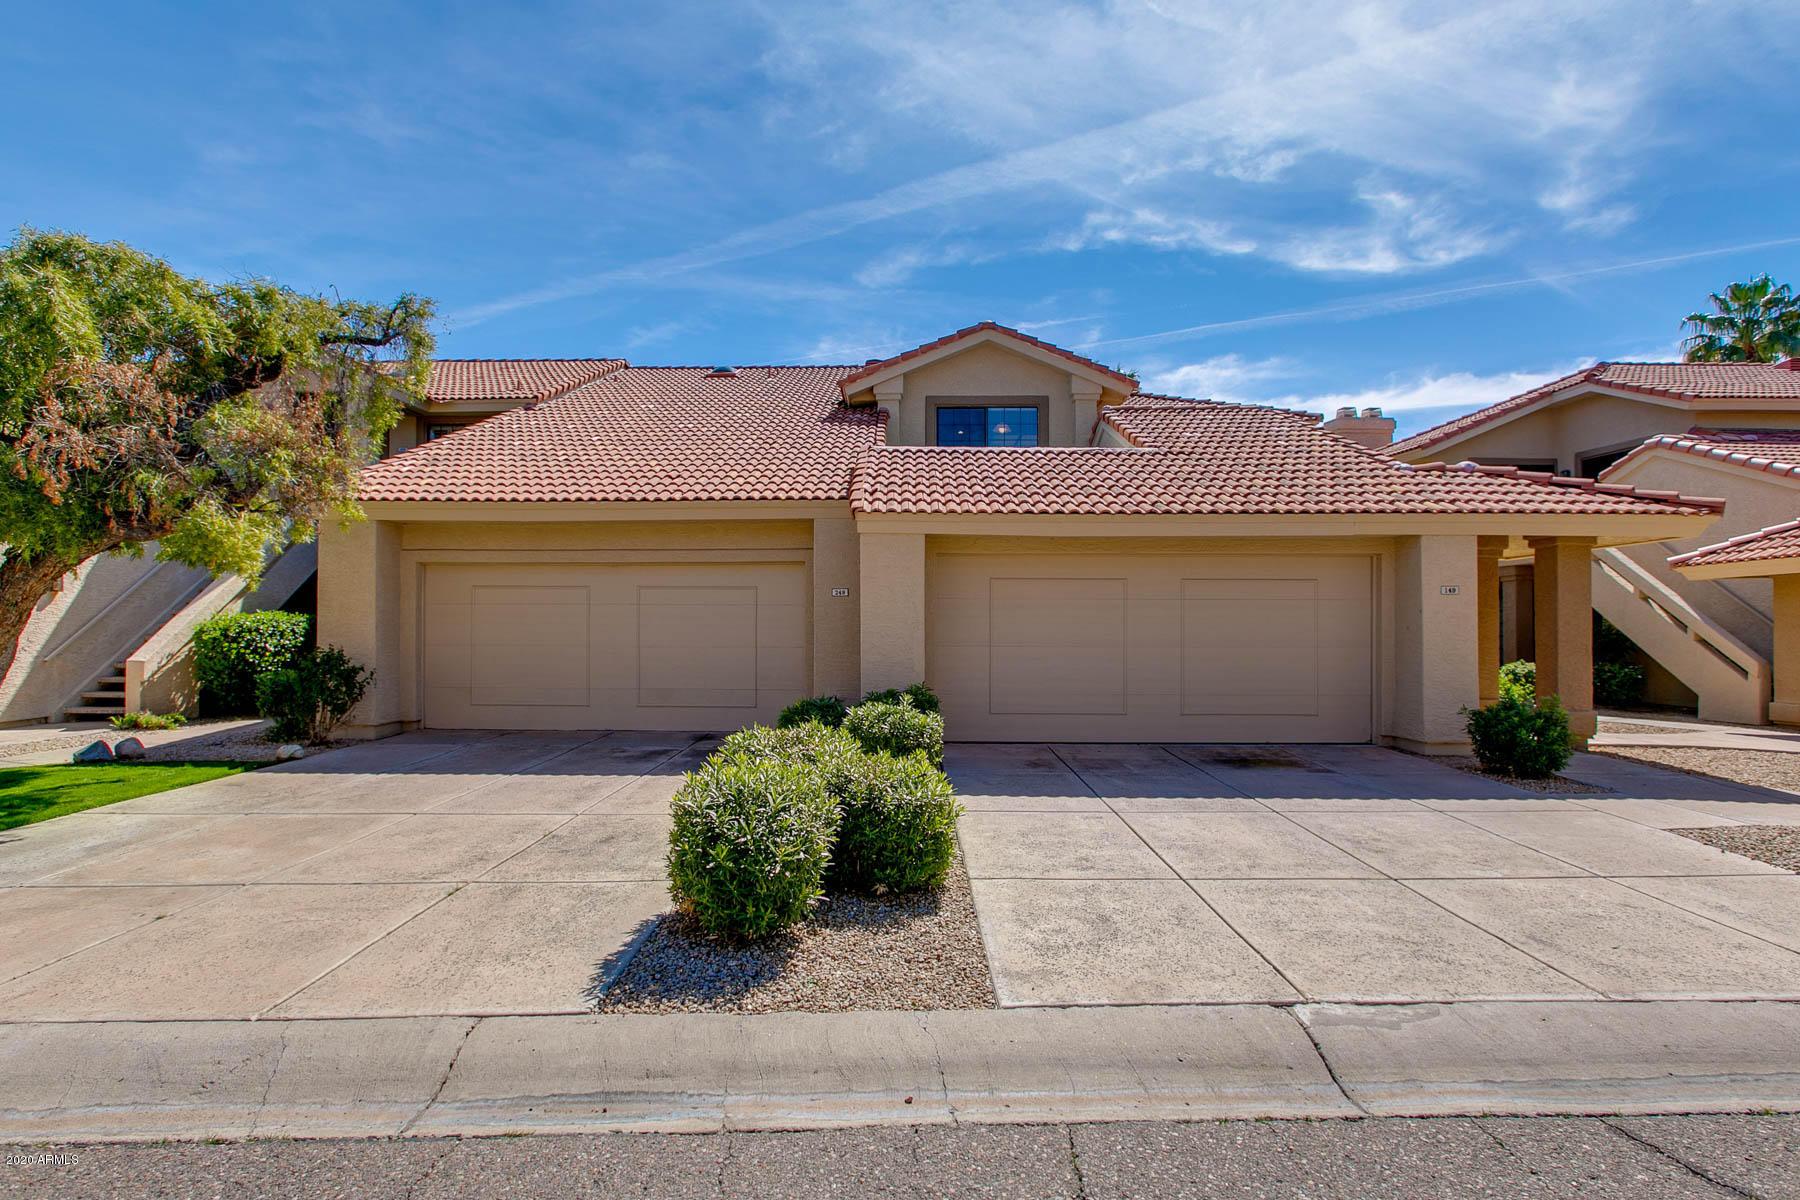 Photo of 11515 N 91ST Street #249, Scottsdale, AZ 85260